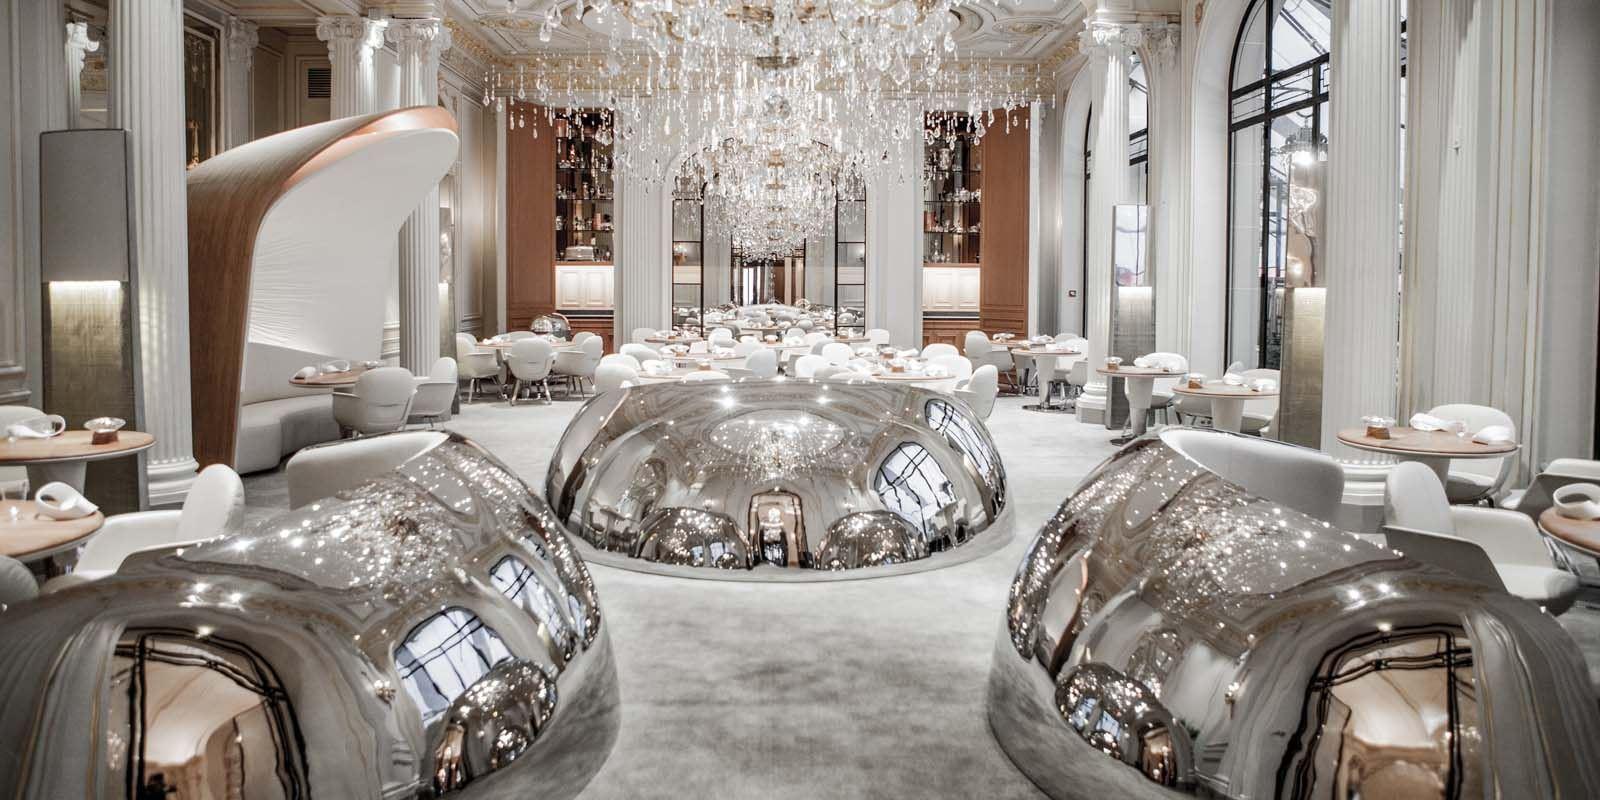 http://www.dorchestercollection.com/en/paris/hotel-plaza-athenee